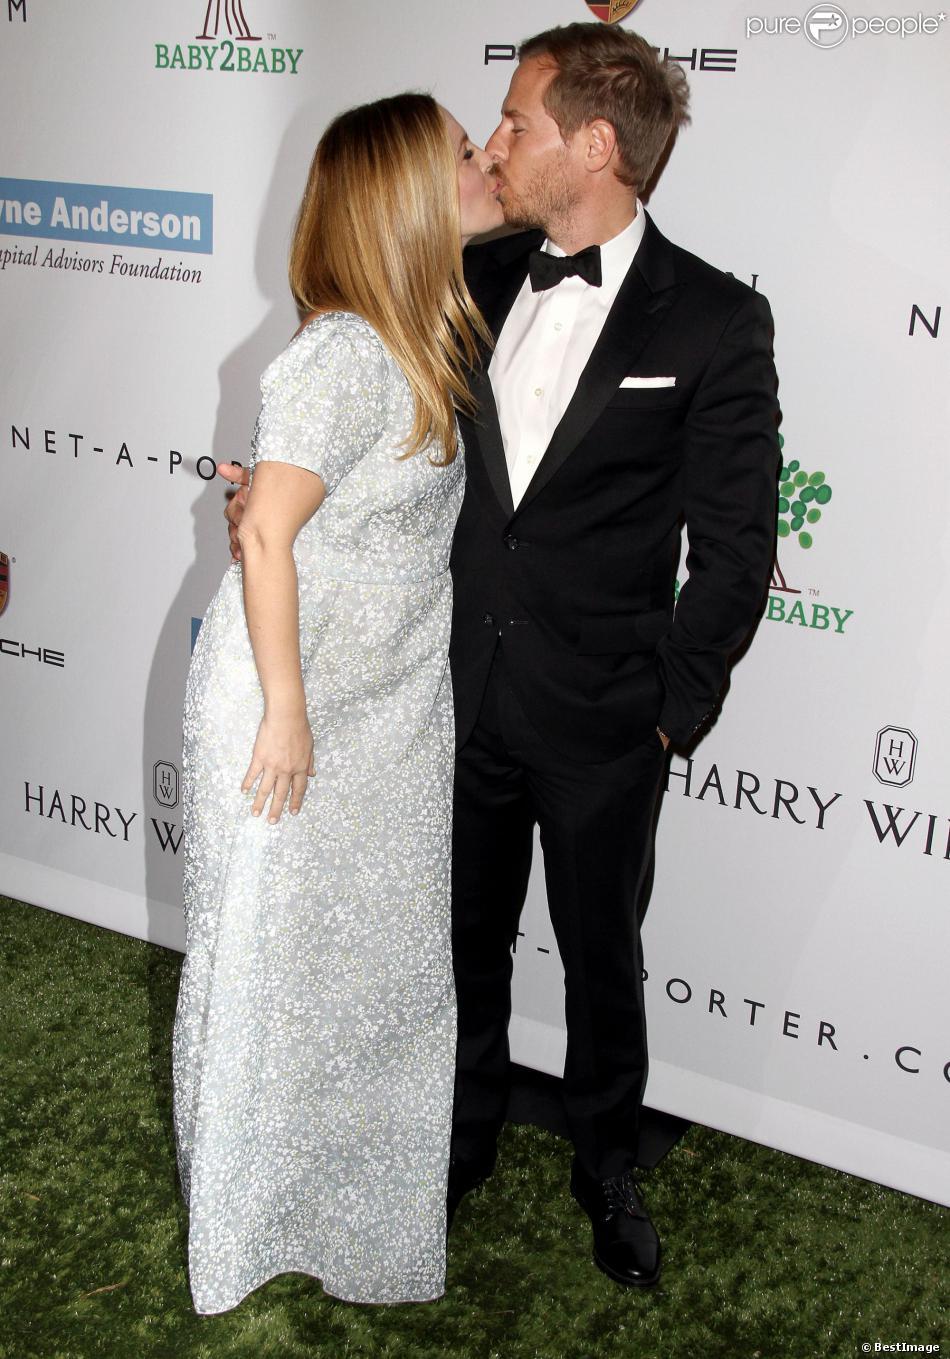 Drew Barrymore, enceinte, et son mari Will Kopelman, amoureux sur le tapis vert du gala Baby2Baby à la Book Bindery. Culver City, le 9 novembre 2013.